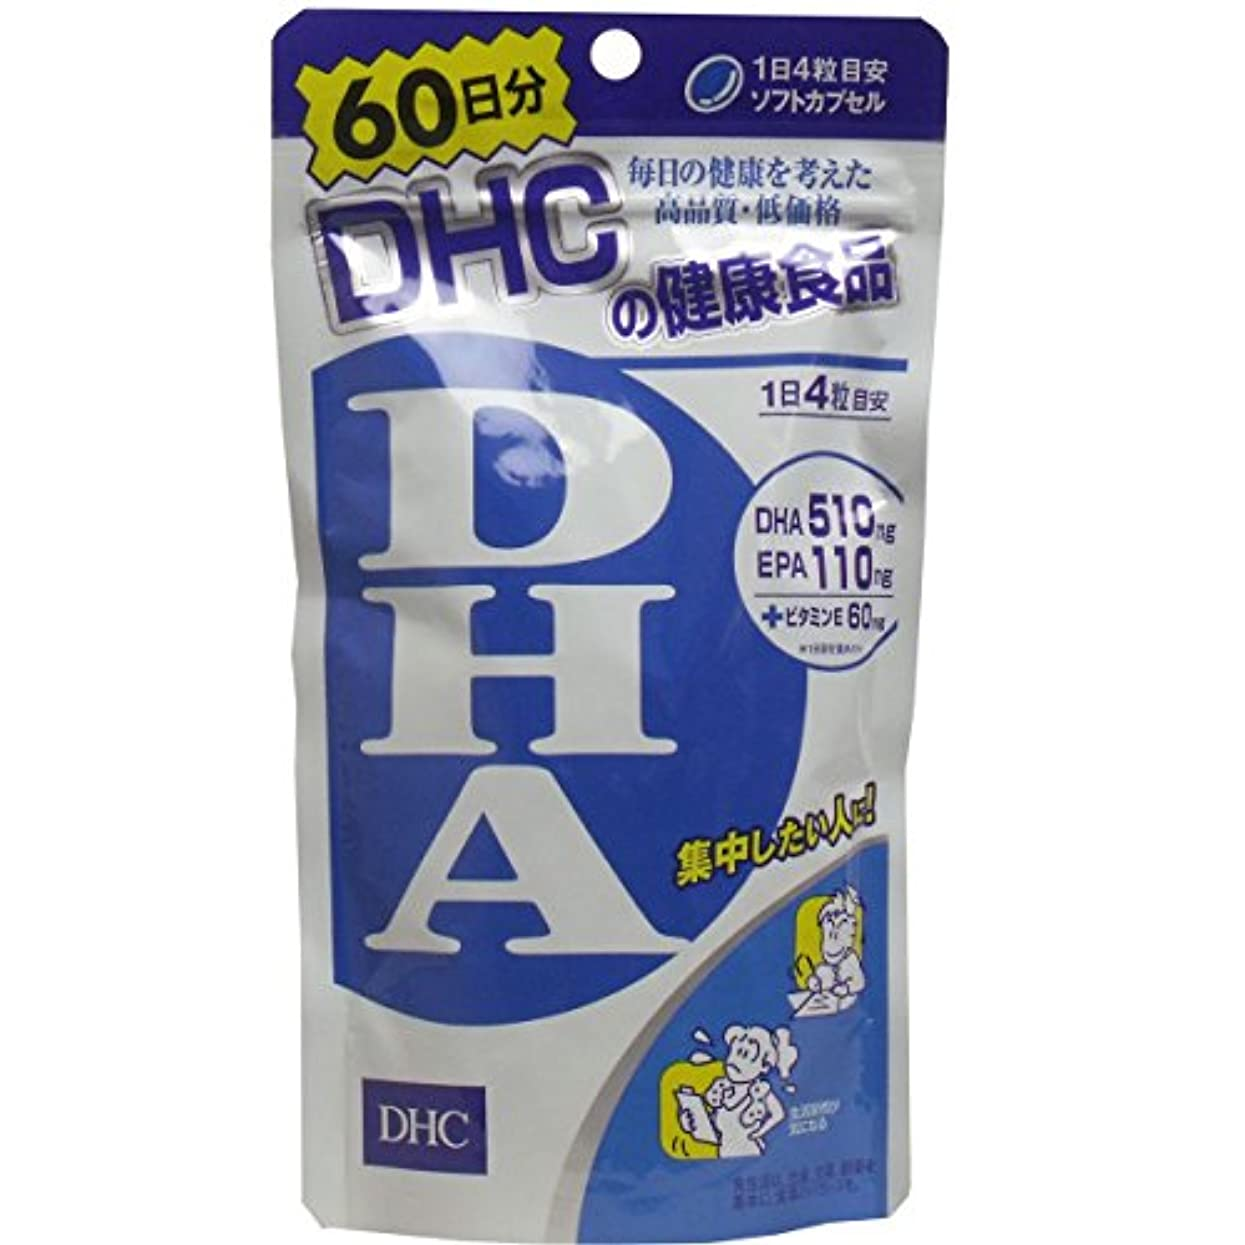 風変わりなステッチ骨髄<お得な2個パック>DHC DHA 60日分 240粒入り×2個